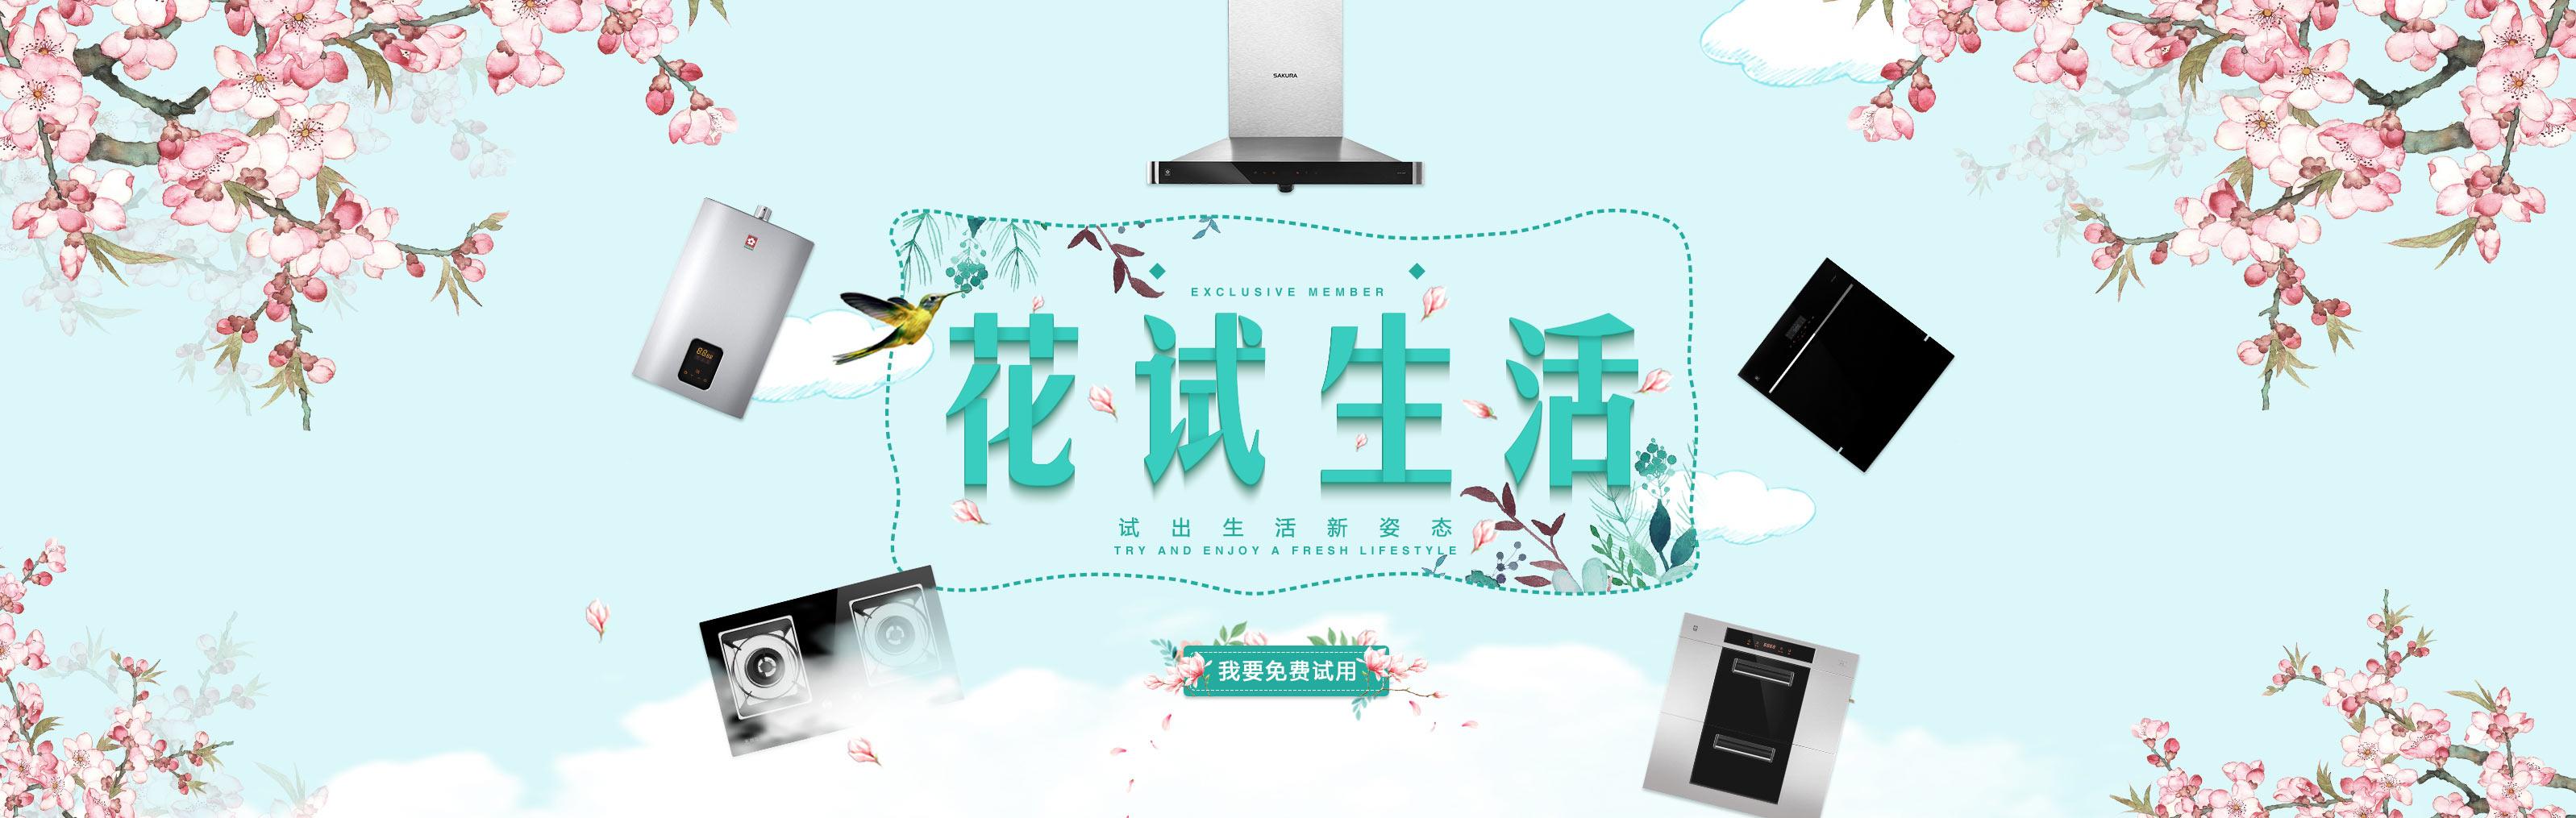 櫻花會員專享(xiang)新品試用